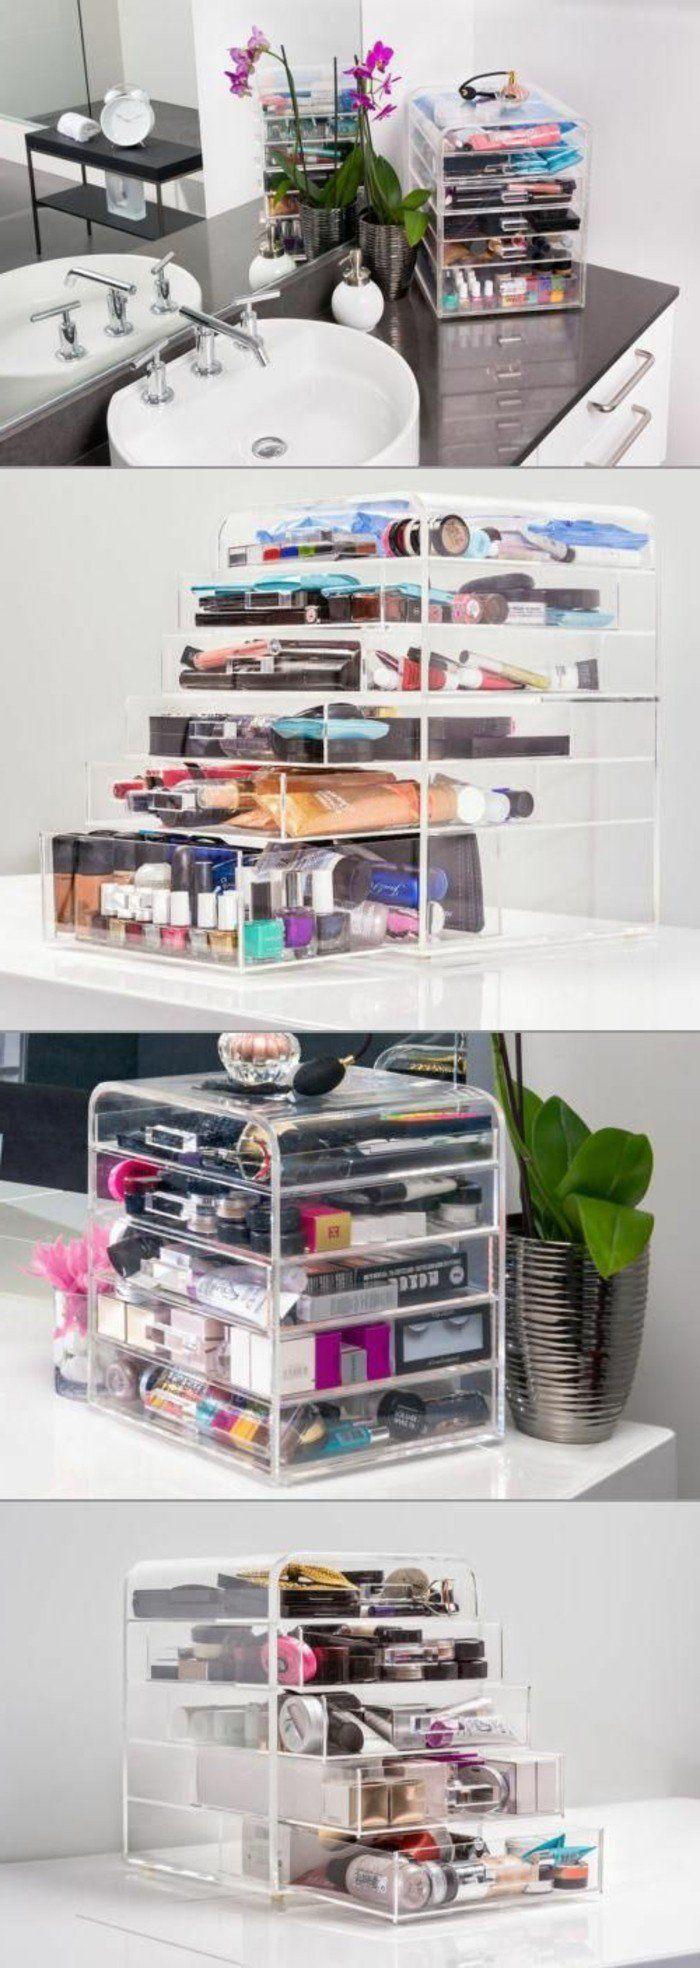 range maquillage en boit plastique transparent, meuble rangement maquillage